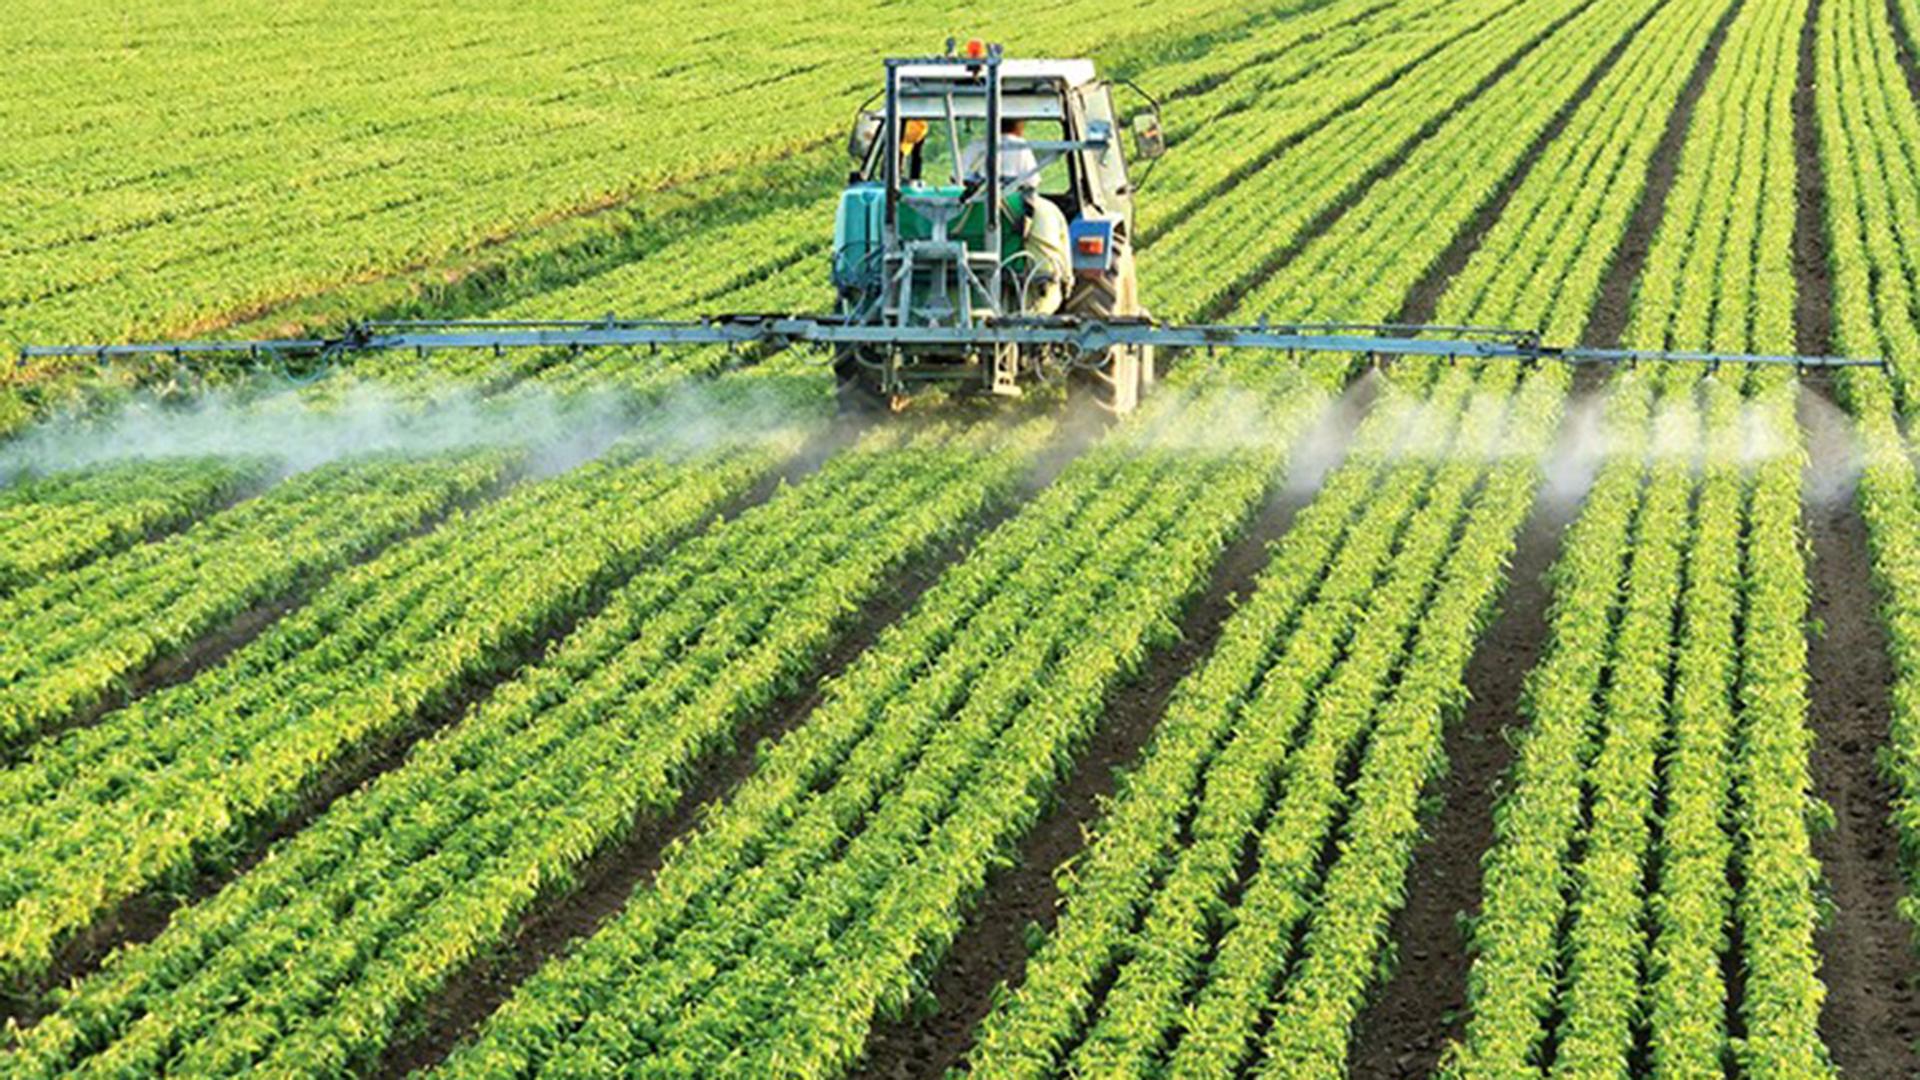 Se complican los números del negocio agropecuario. Por efectos de la sequía, habrá serios problemas de rentabilidad